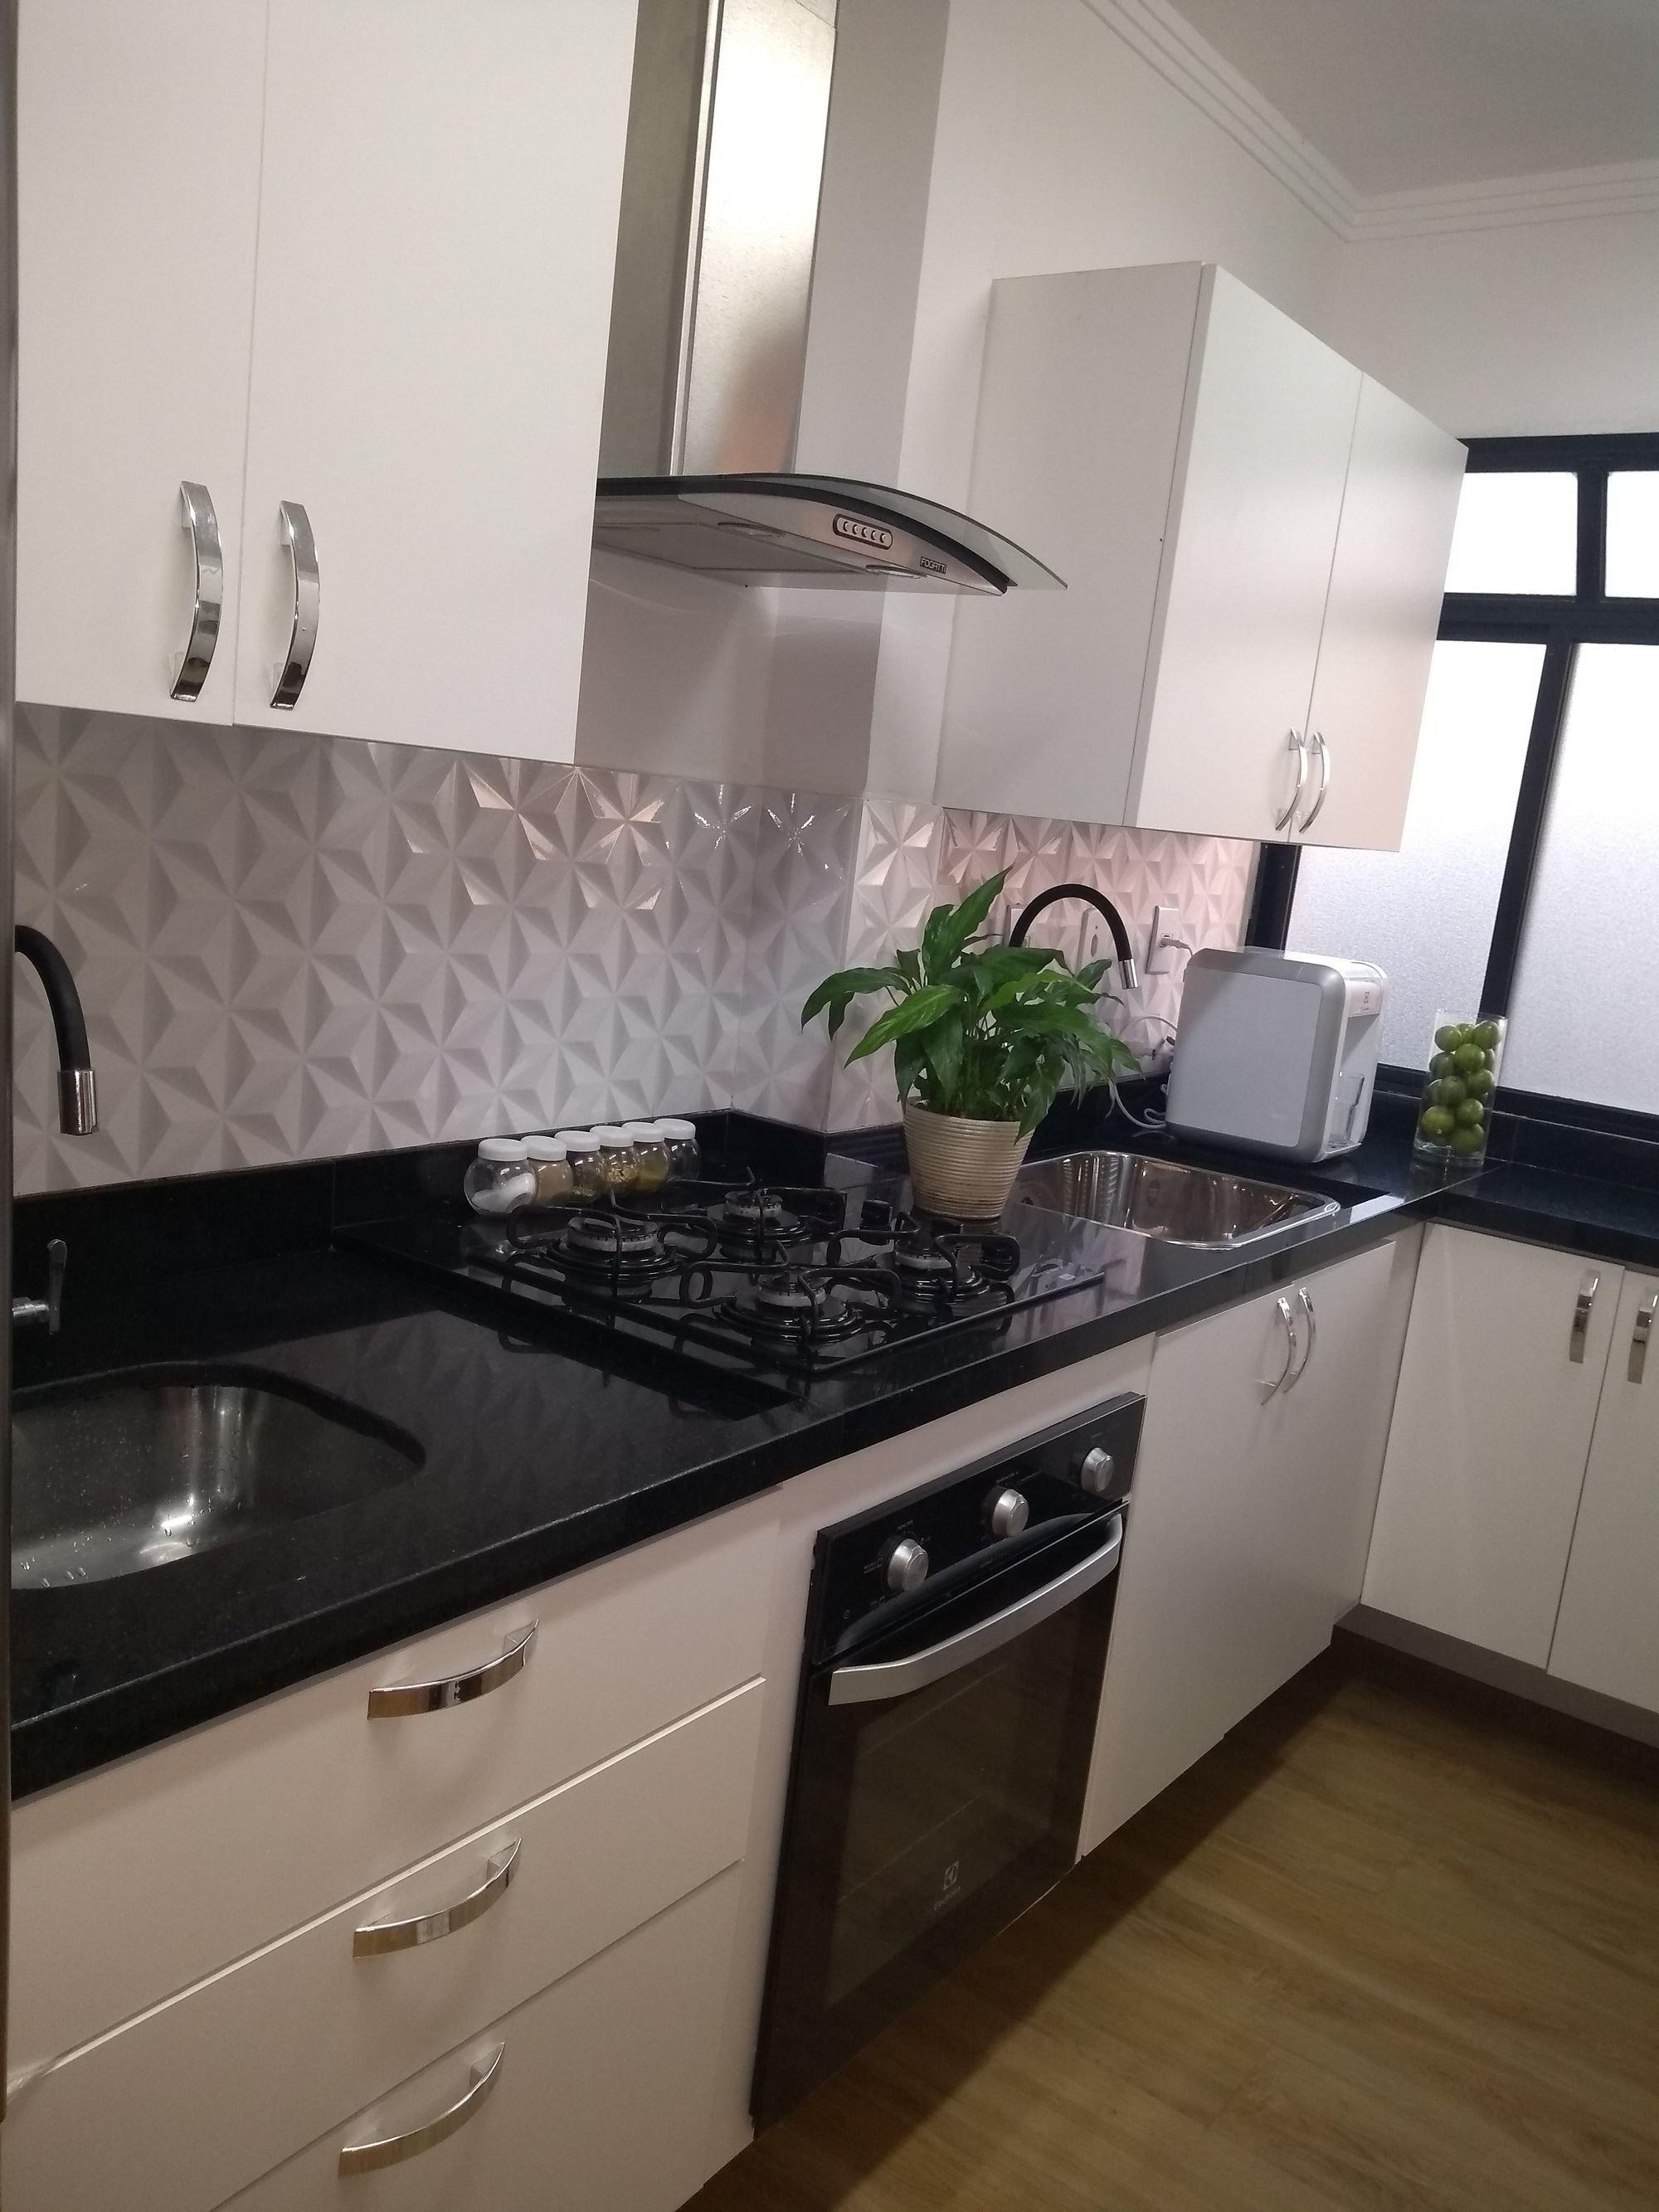 Foto de Cozinha com vaso de planta, vaso, forno, torradeira, pia